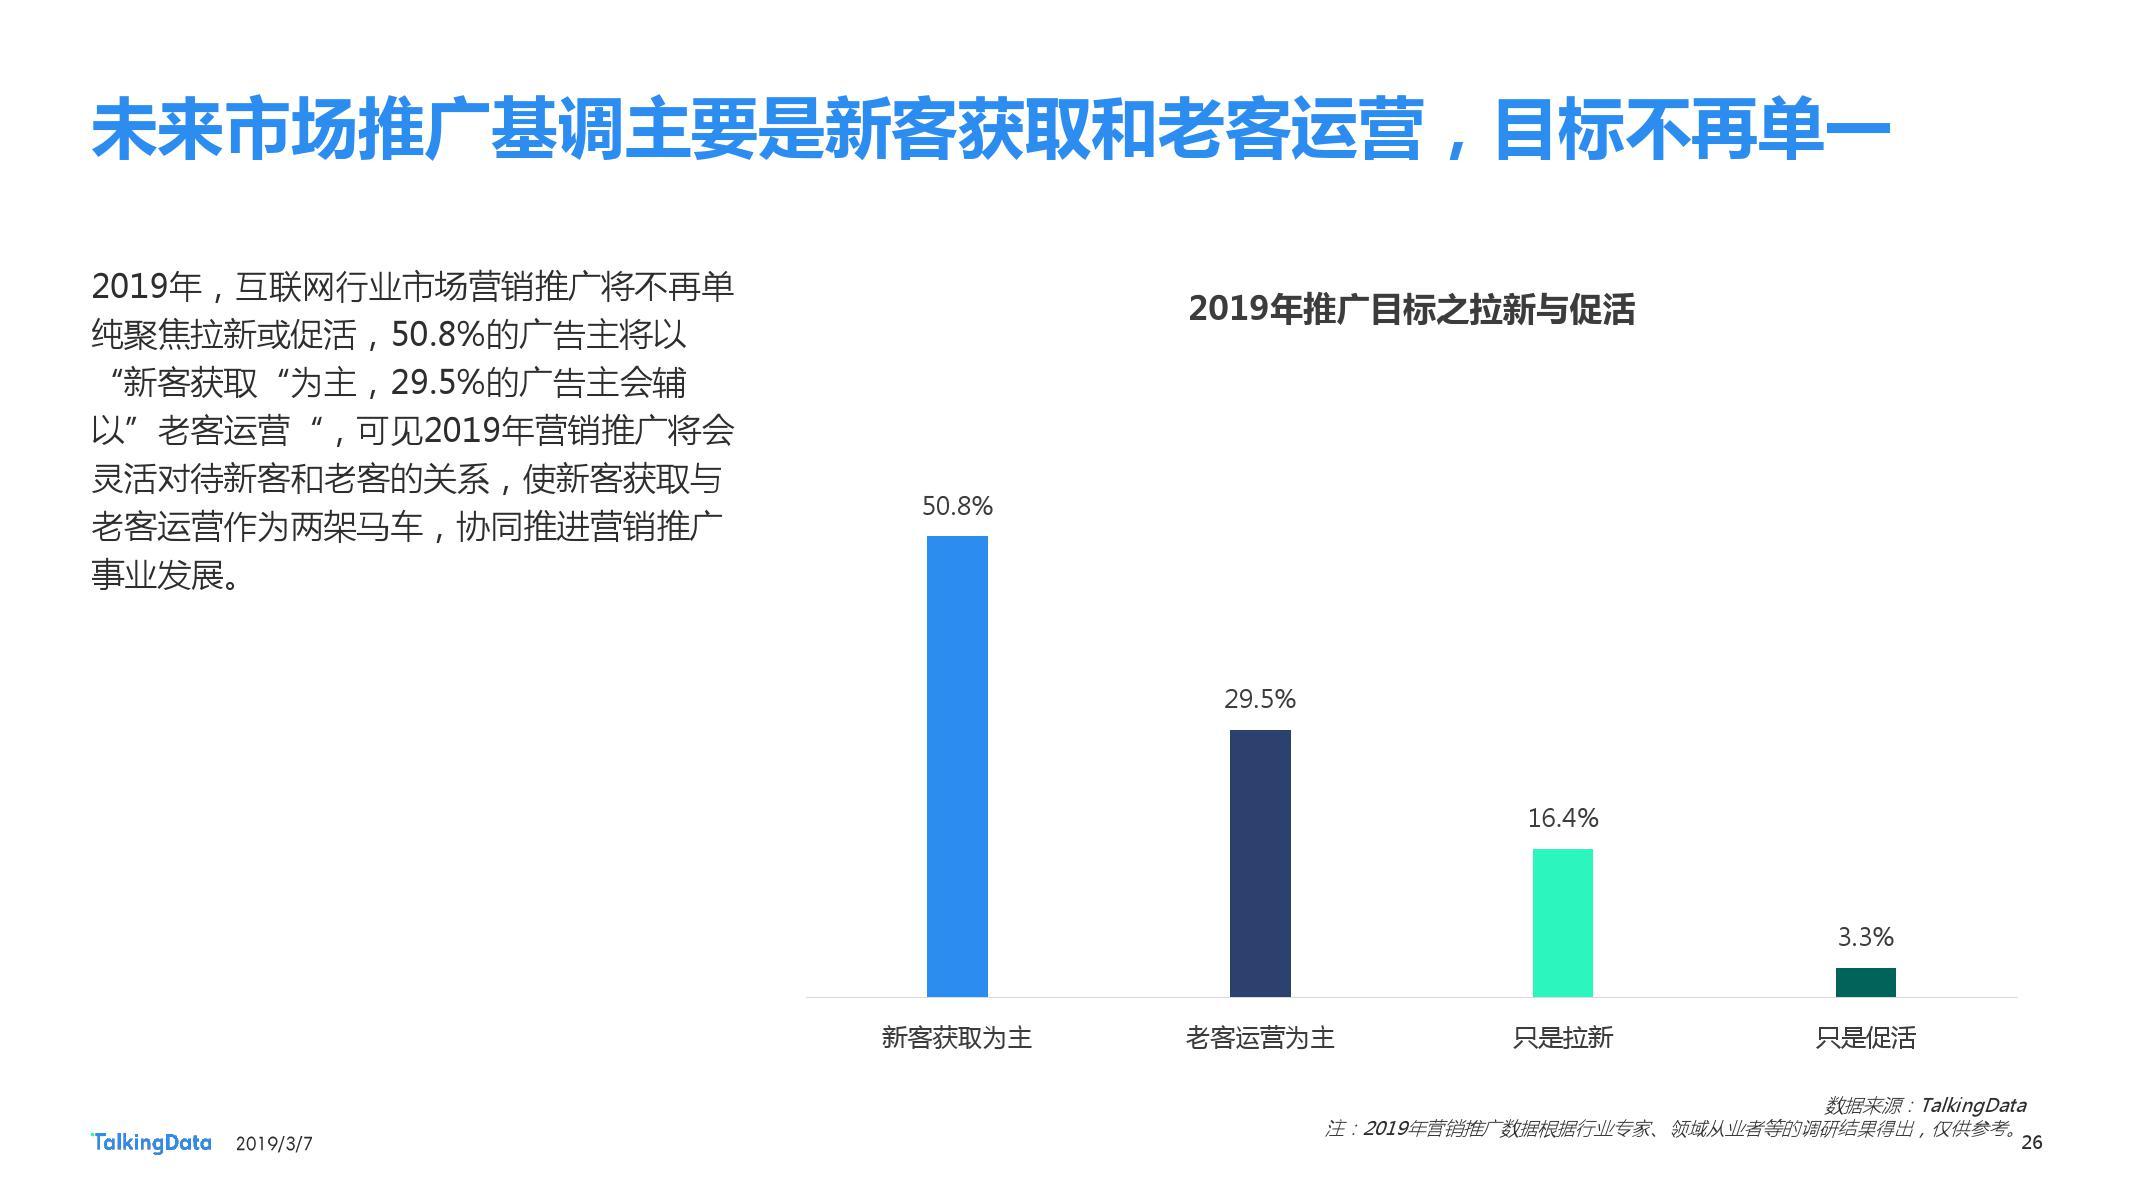 TalkingData:2018移动广告行业报告-CNMOAD 中文移动营销资讯 26